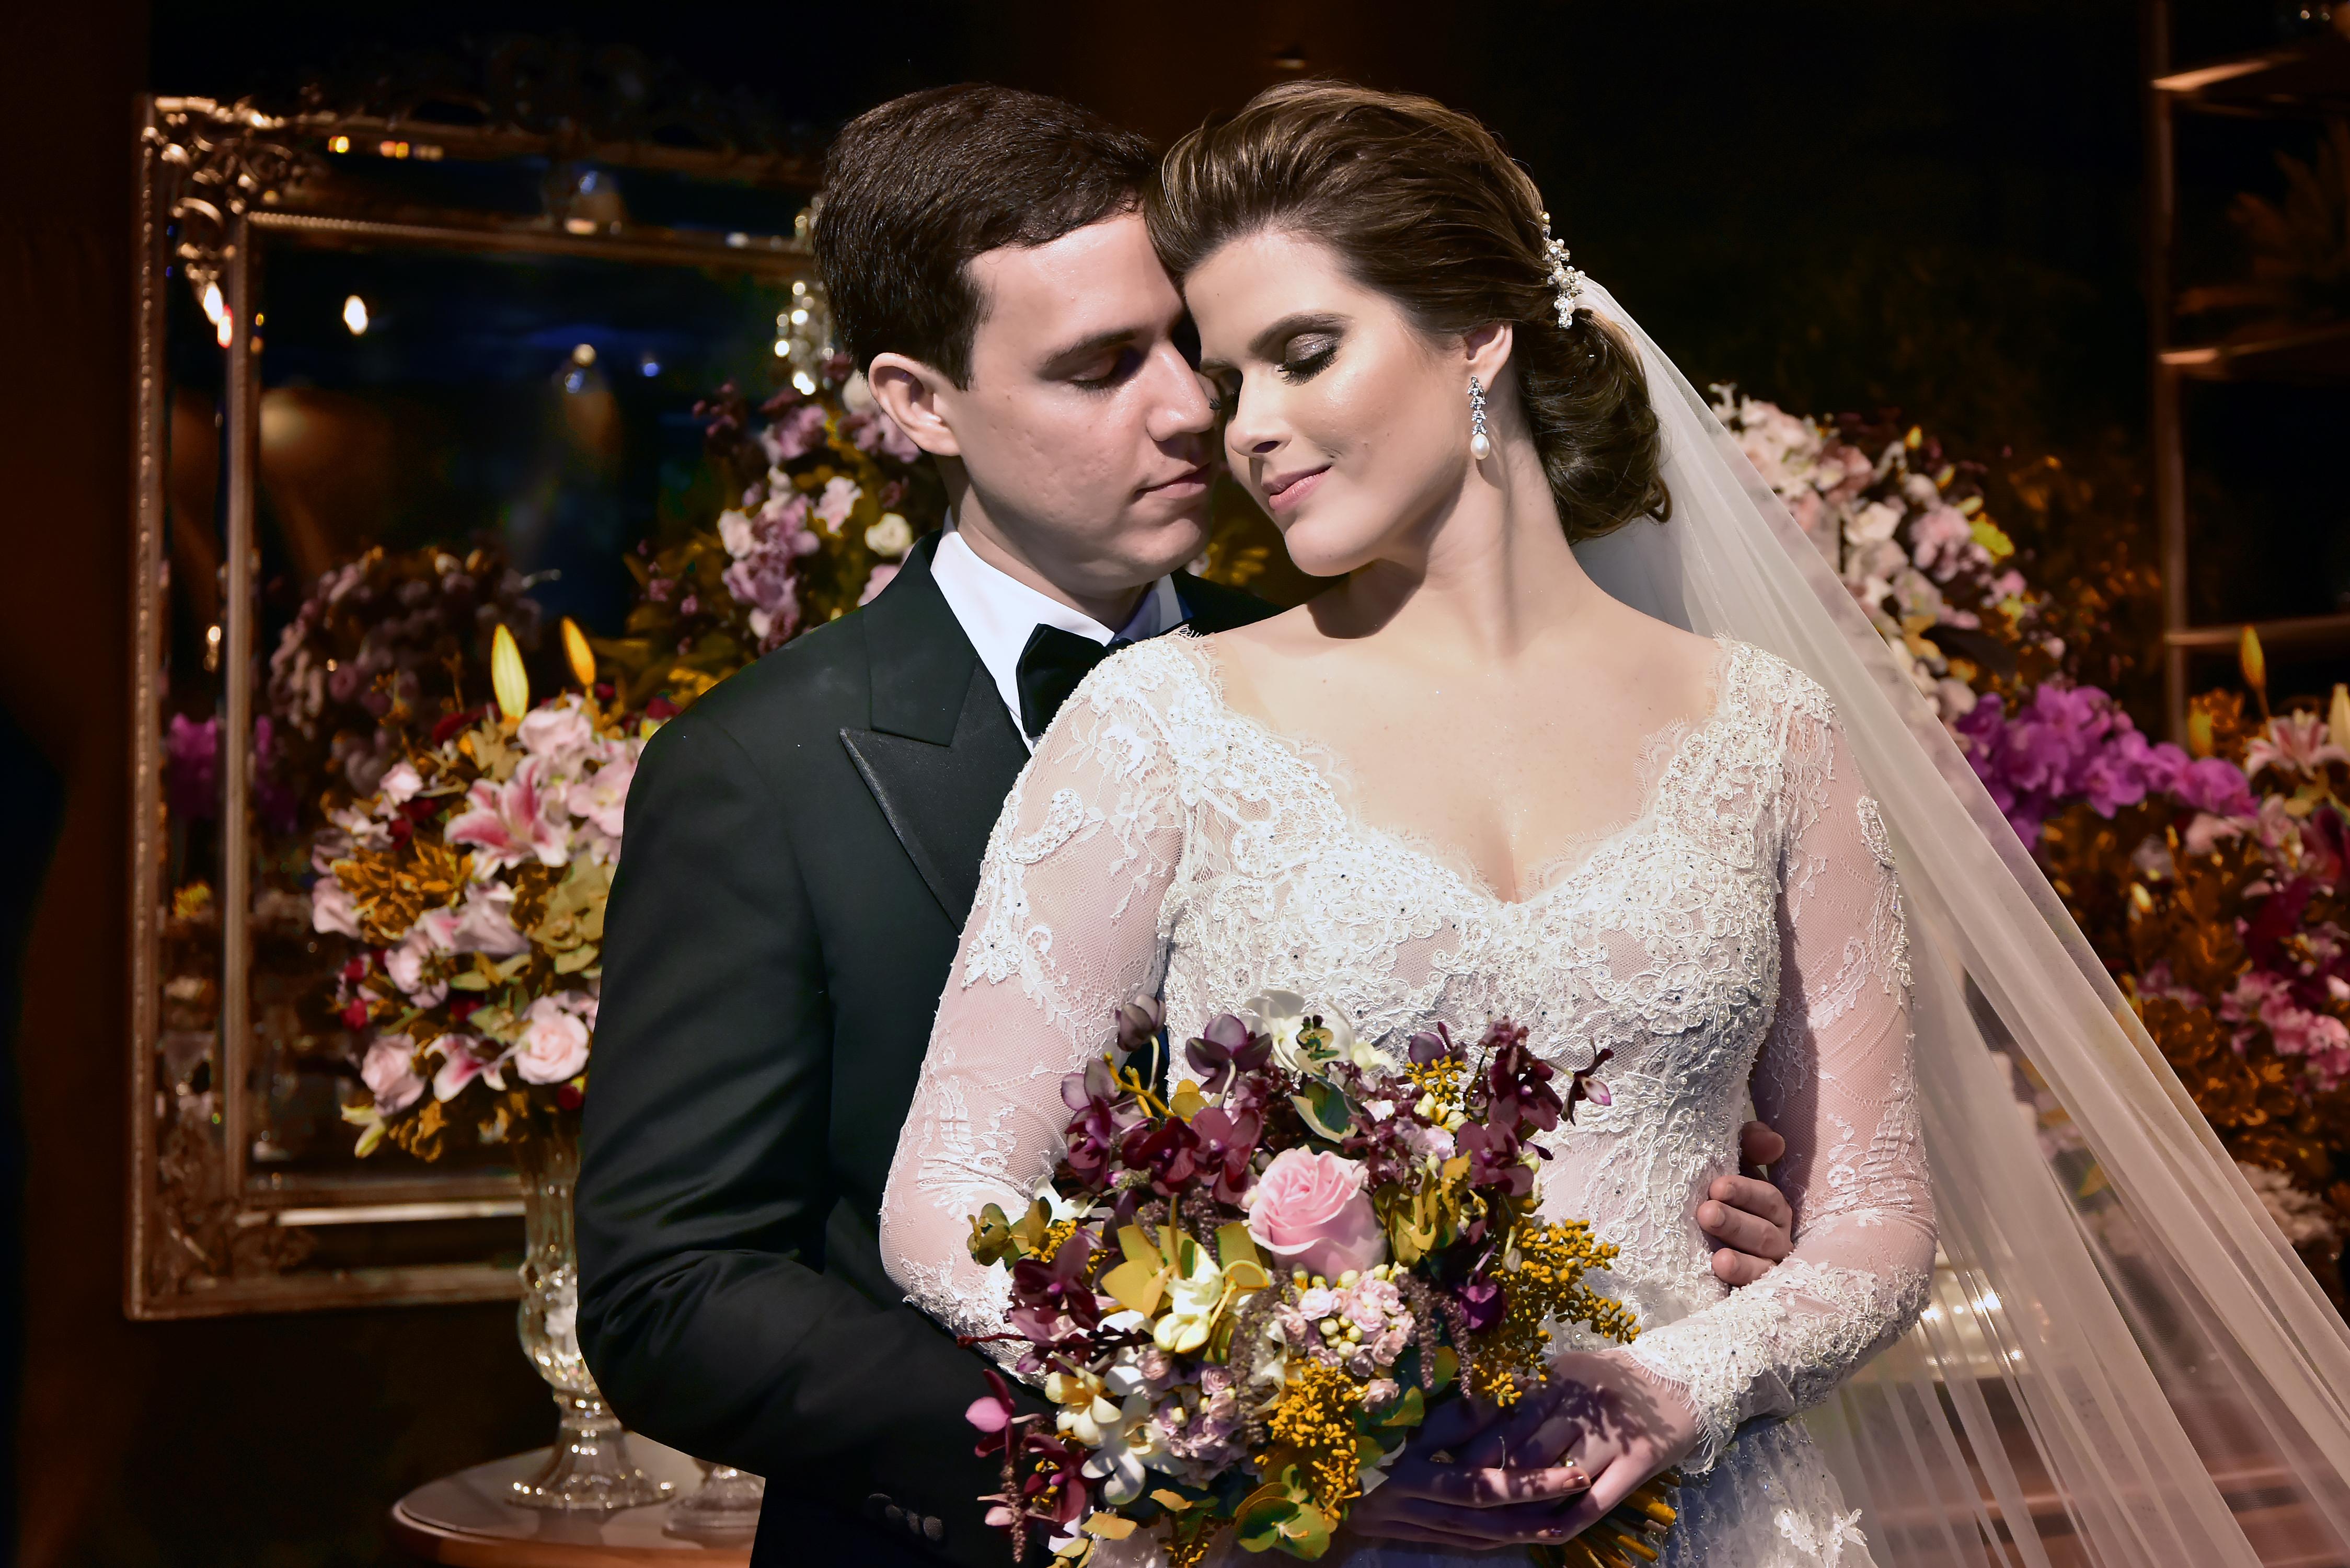 Ana Maria Bezerra e Paulo Victor Eufrásio trocam alianças com bela celebração